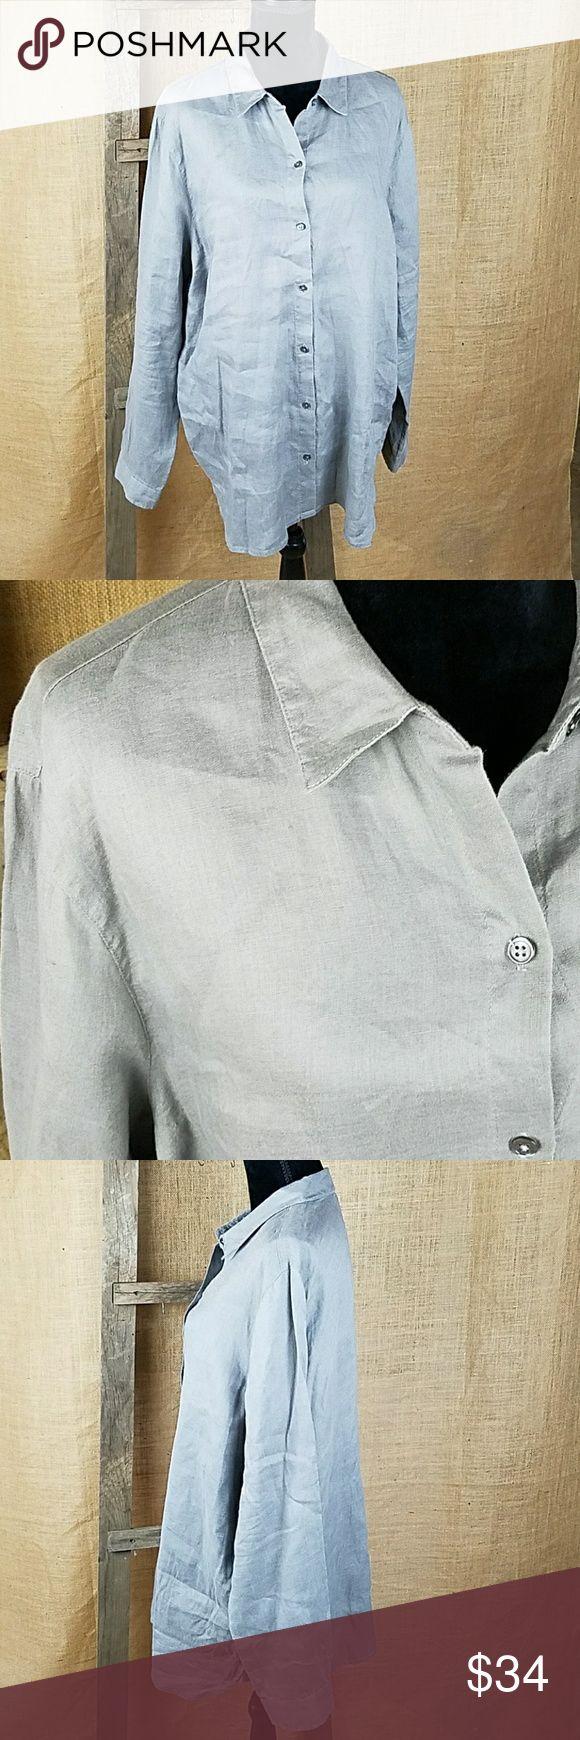 """J. Jill women's XLT button down long sleeve shirt J. Jill women's XLT button down long sleeve shirt 100% linen gray.  Under arm to under arm: 26"""" Sleeve length: 26"""" Back up down: 31"""" J. Jill Tops Button Down Shirts"""